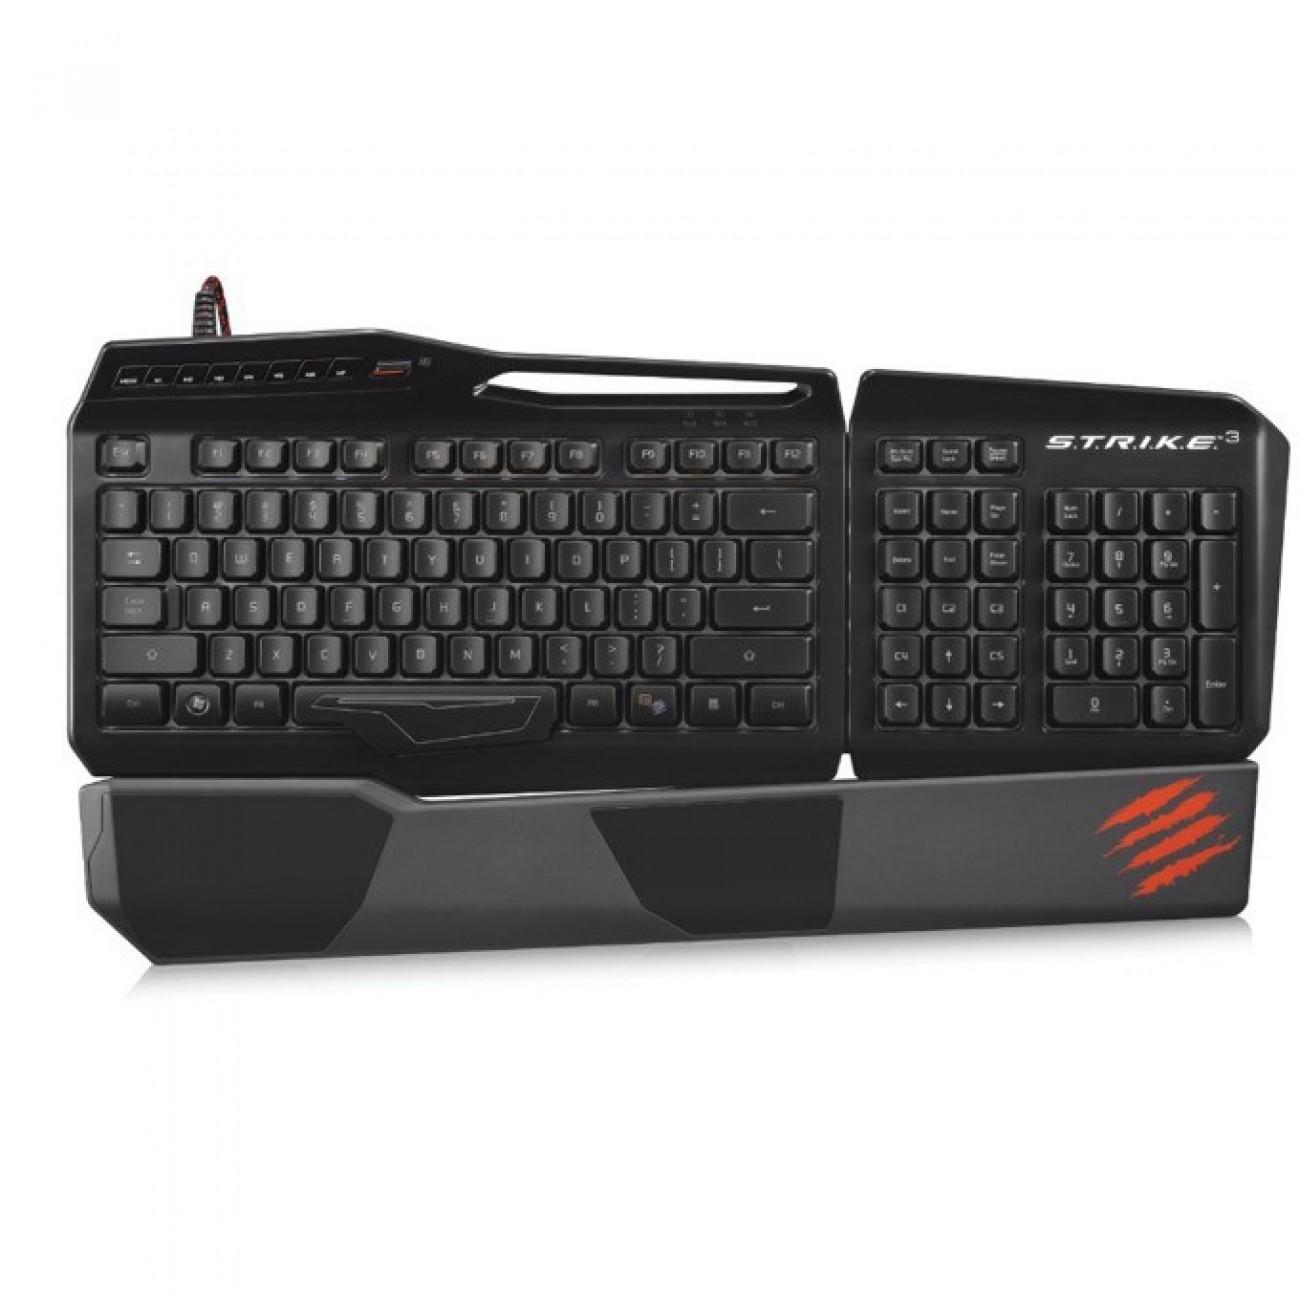 Клавиатура Saitek S.T.R.I.K.E. 3, гейминг, черна в Клавиатури -  | Alleop